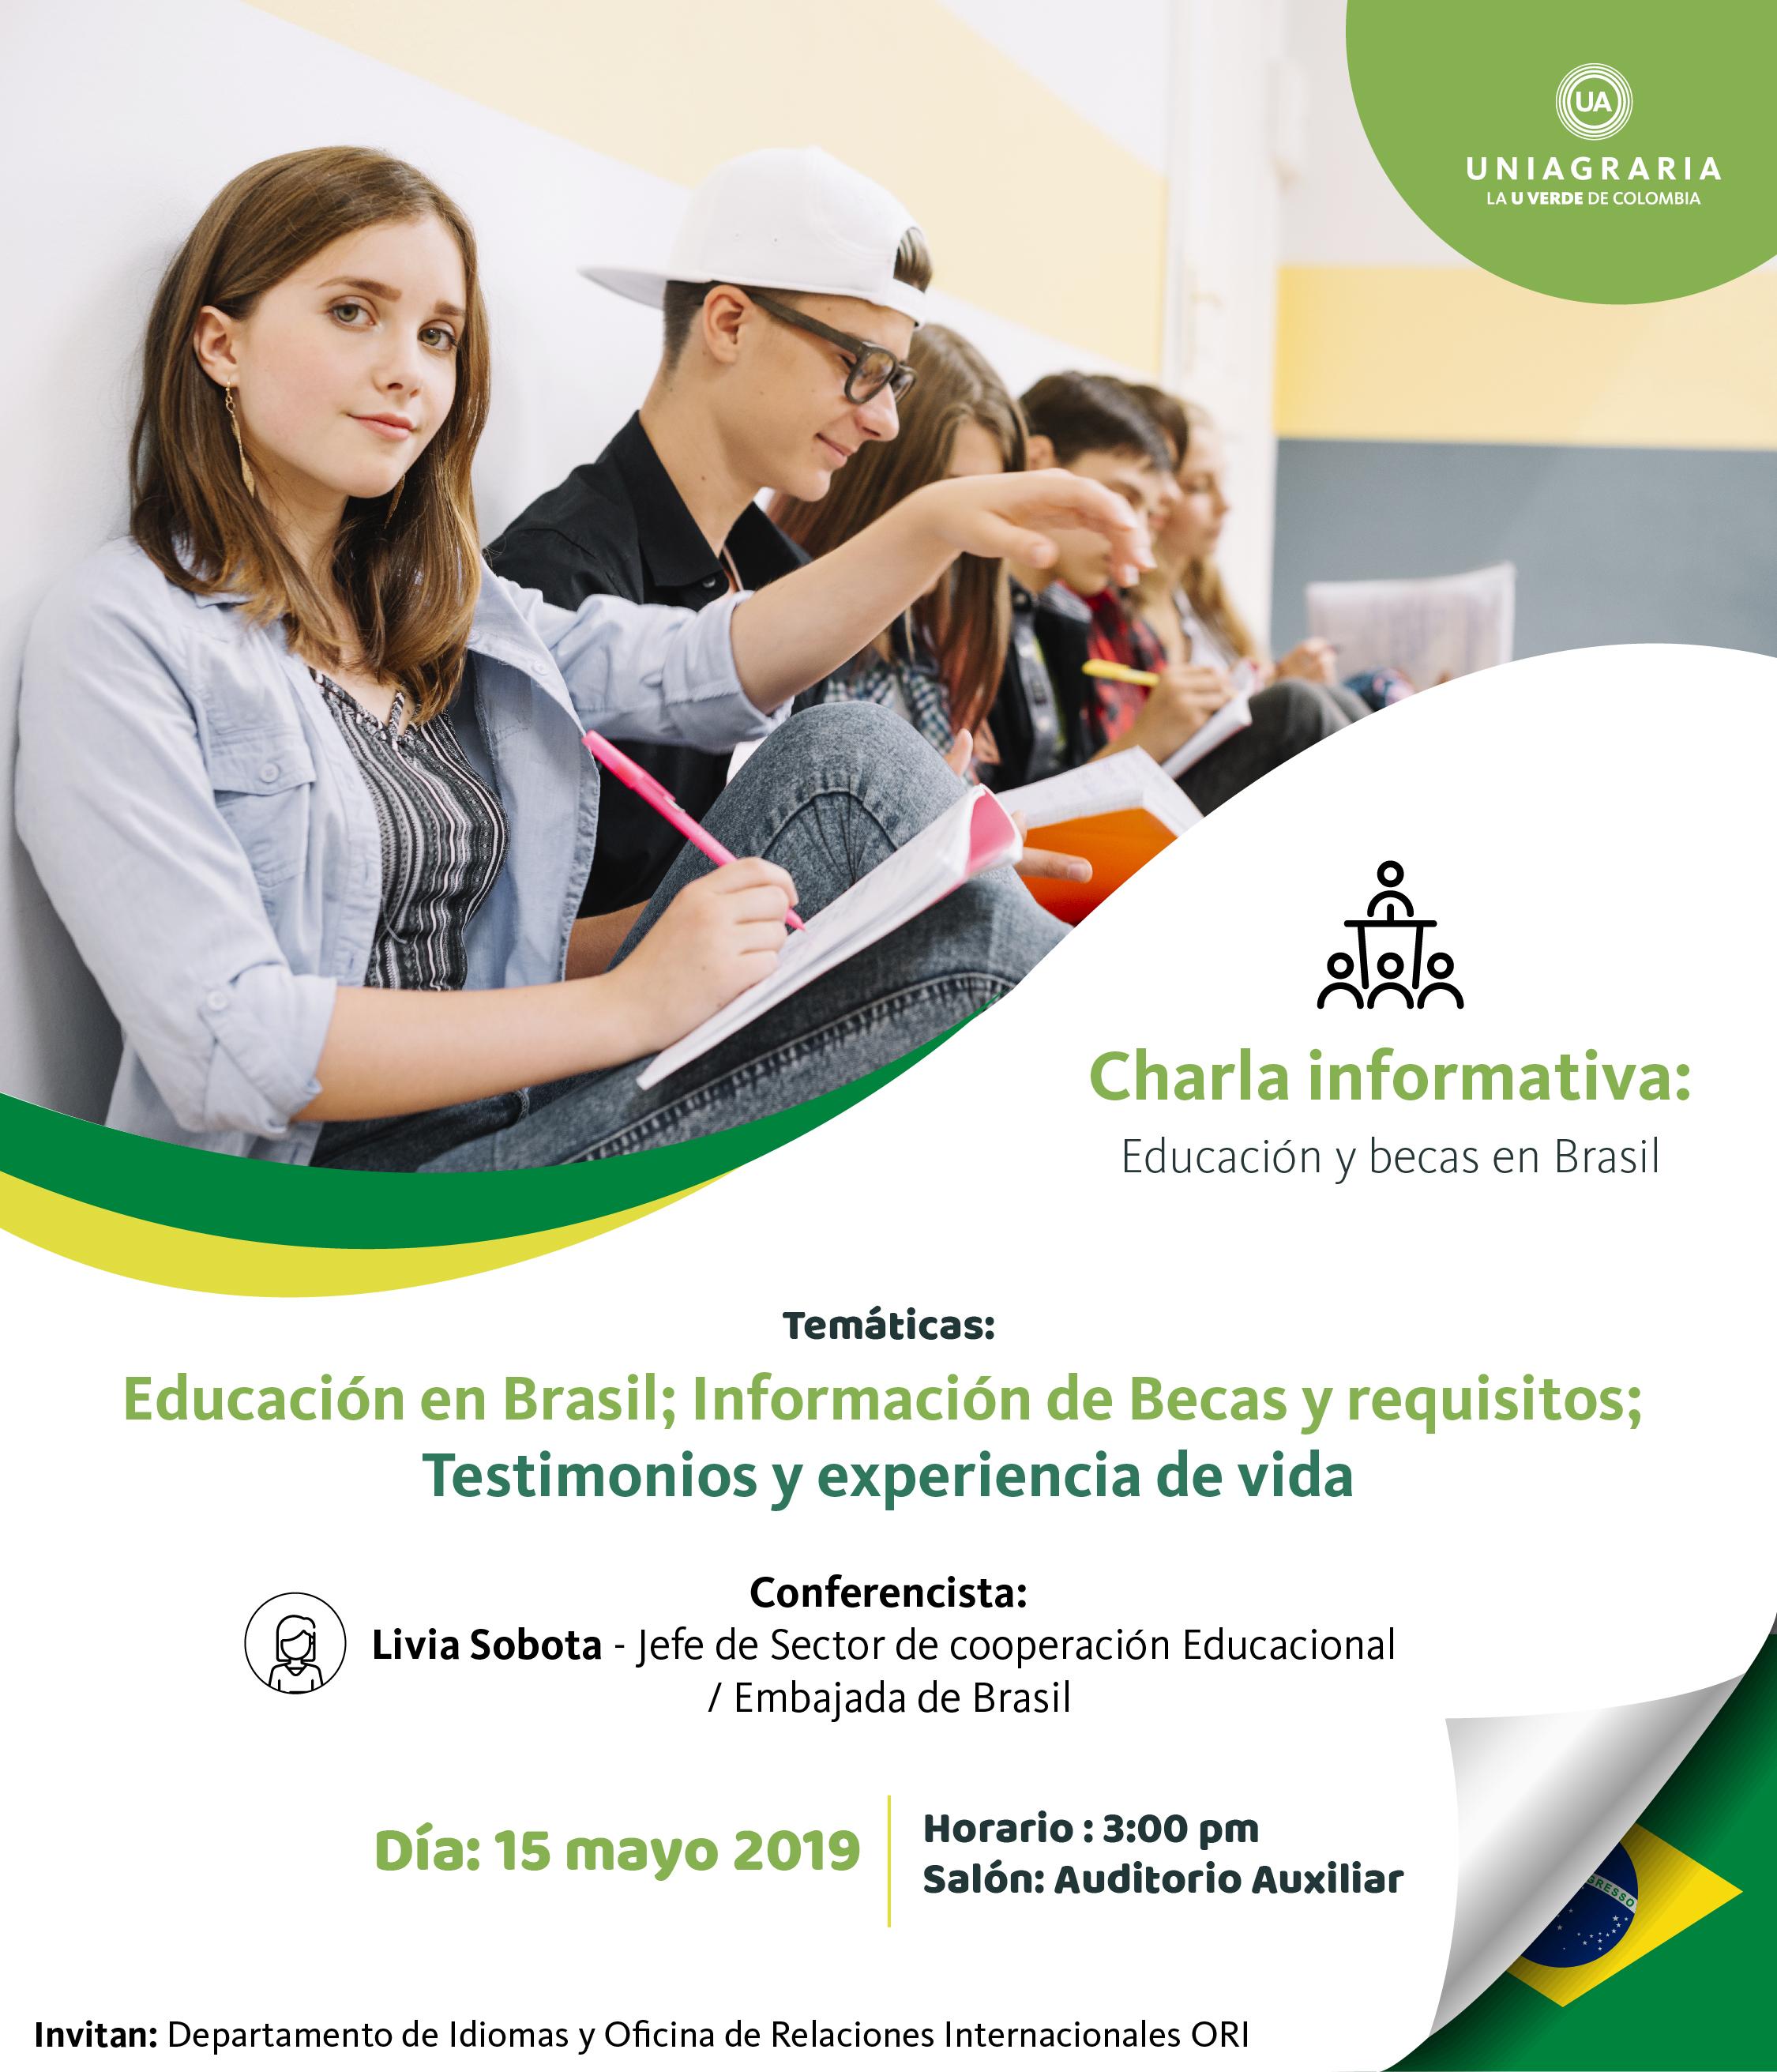 Charla informativa: Educación y becas en Brasil